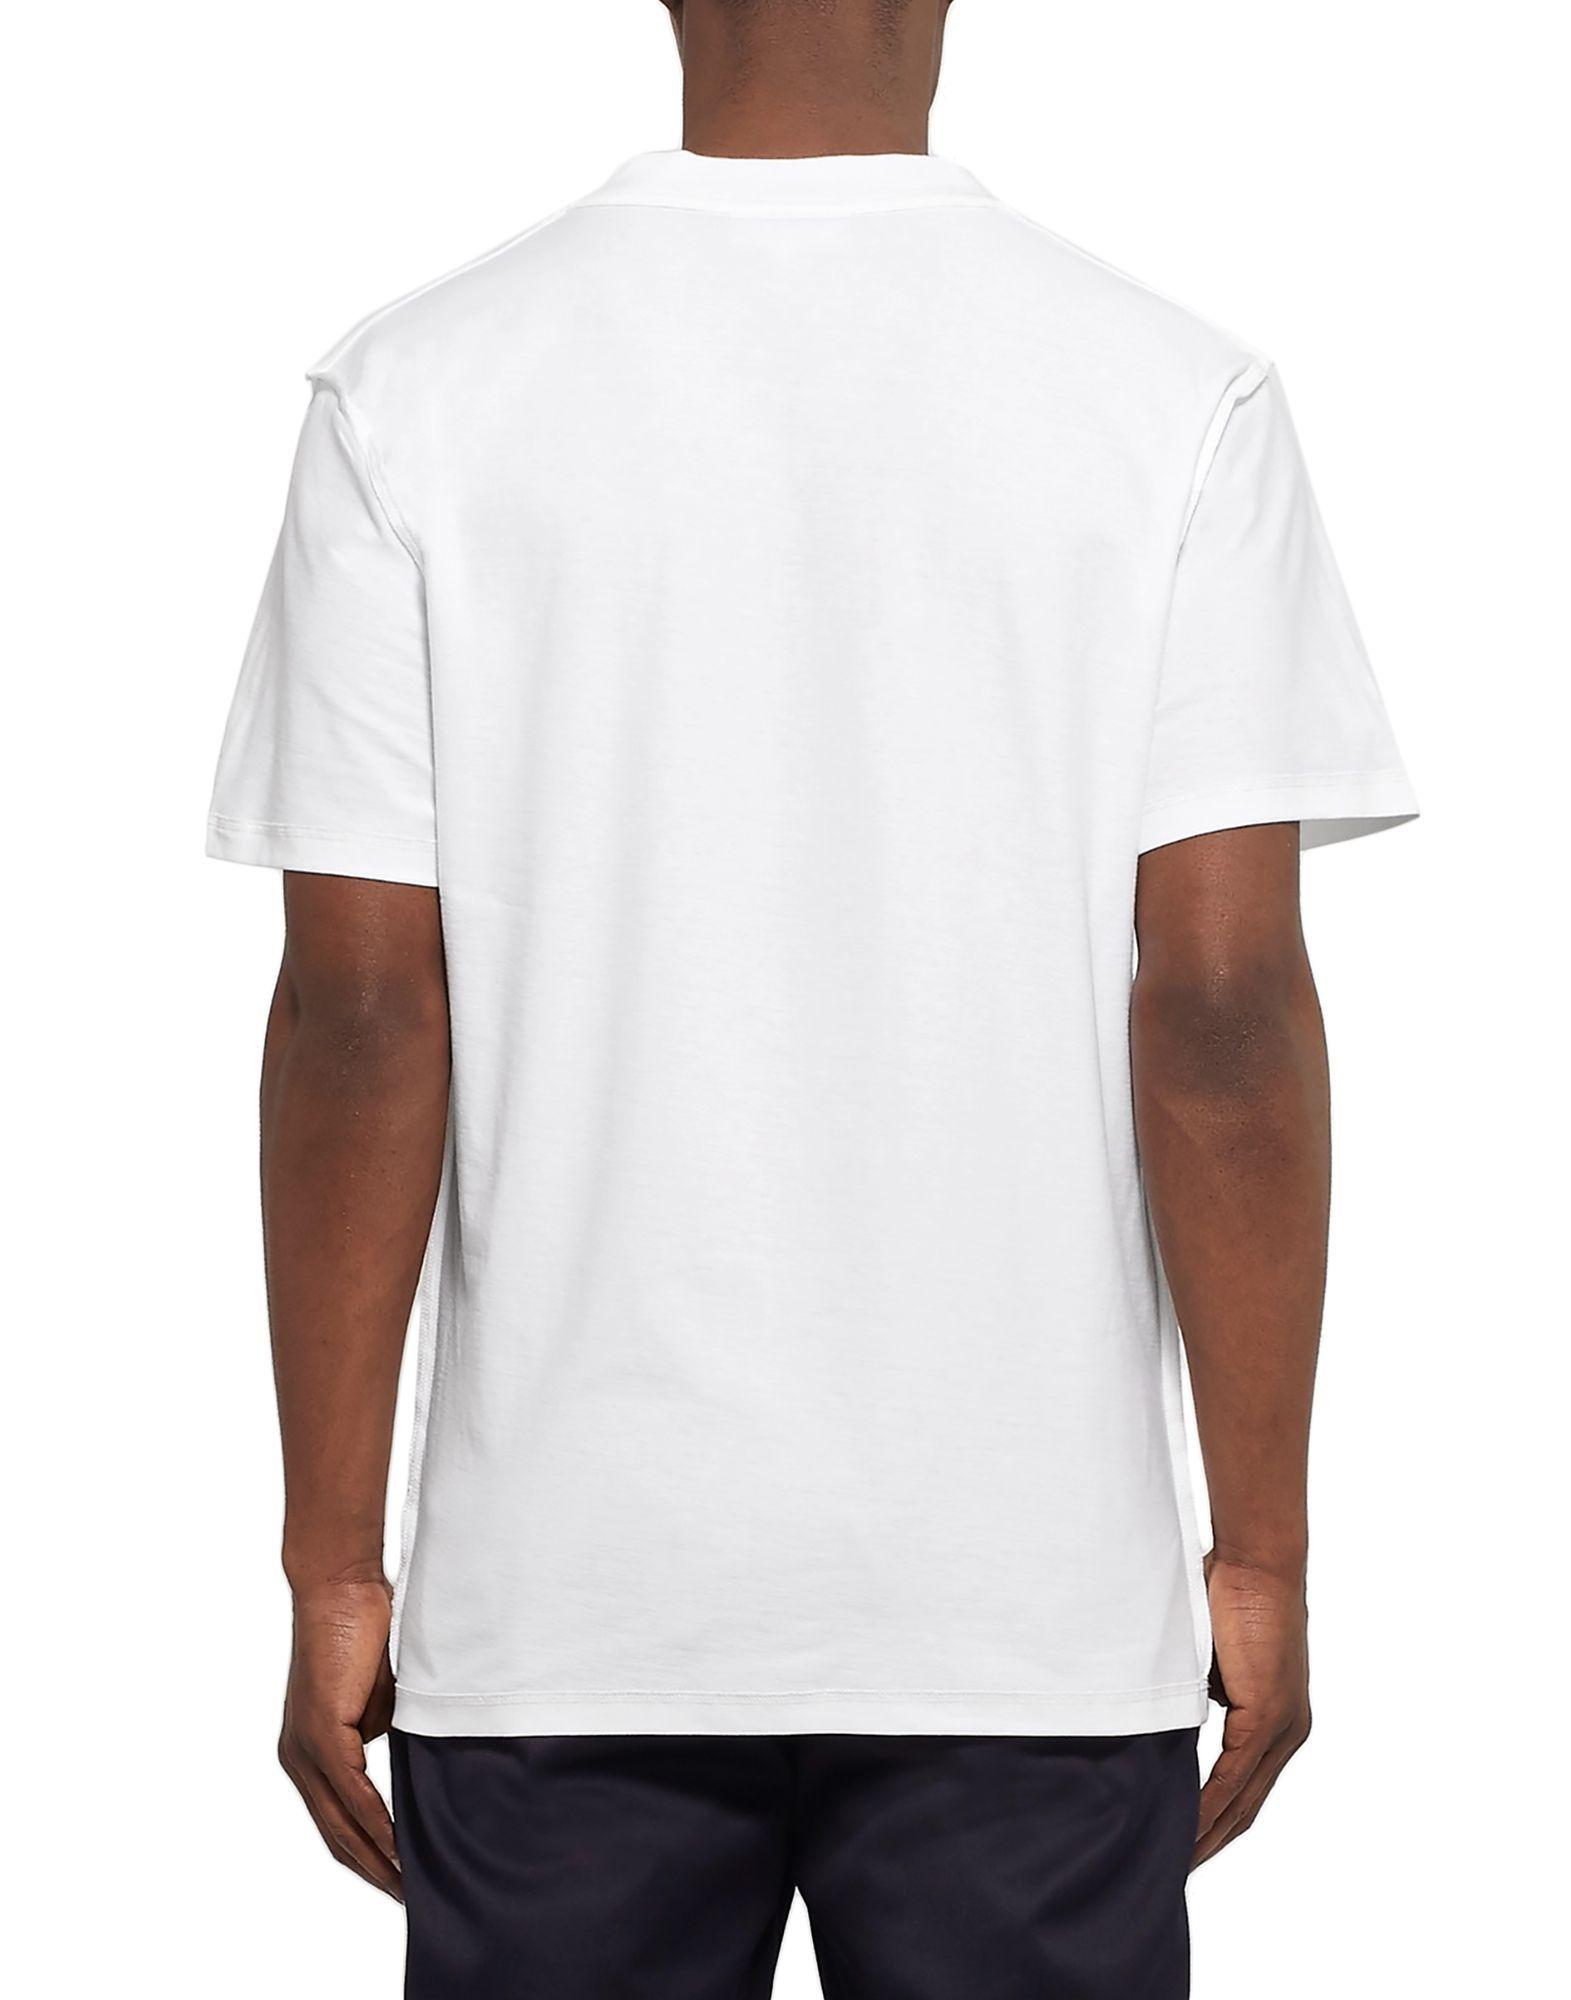 Public School White Cotton T-shirts